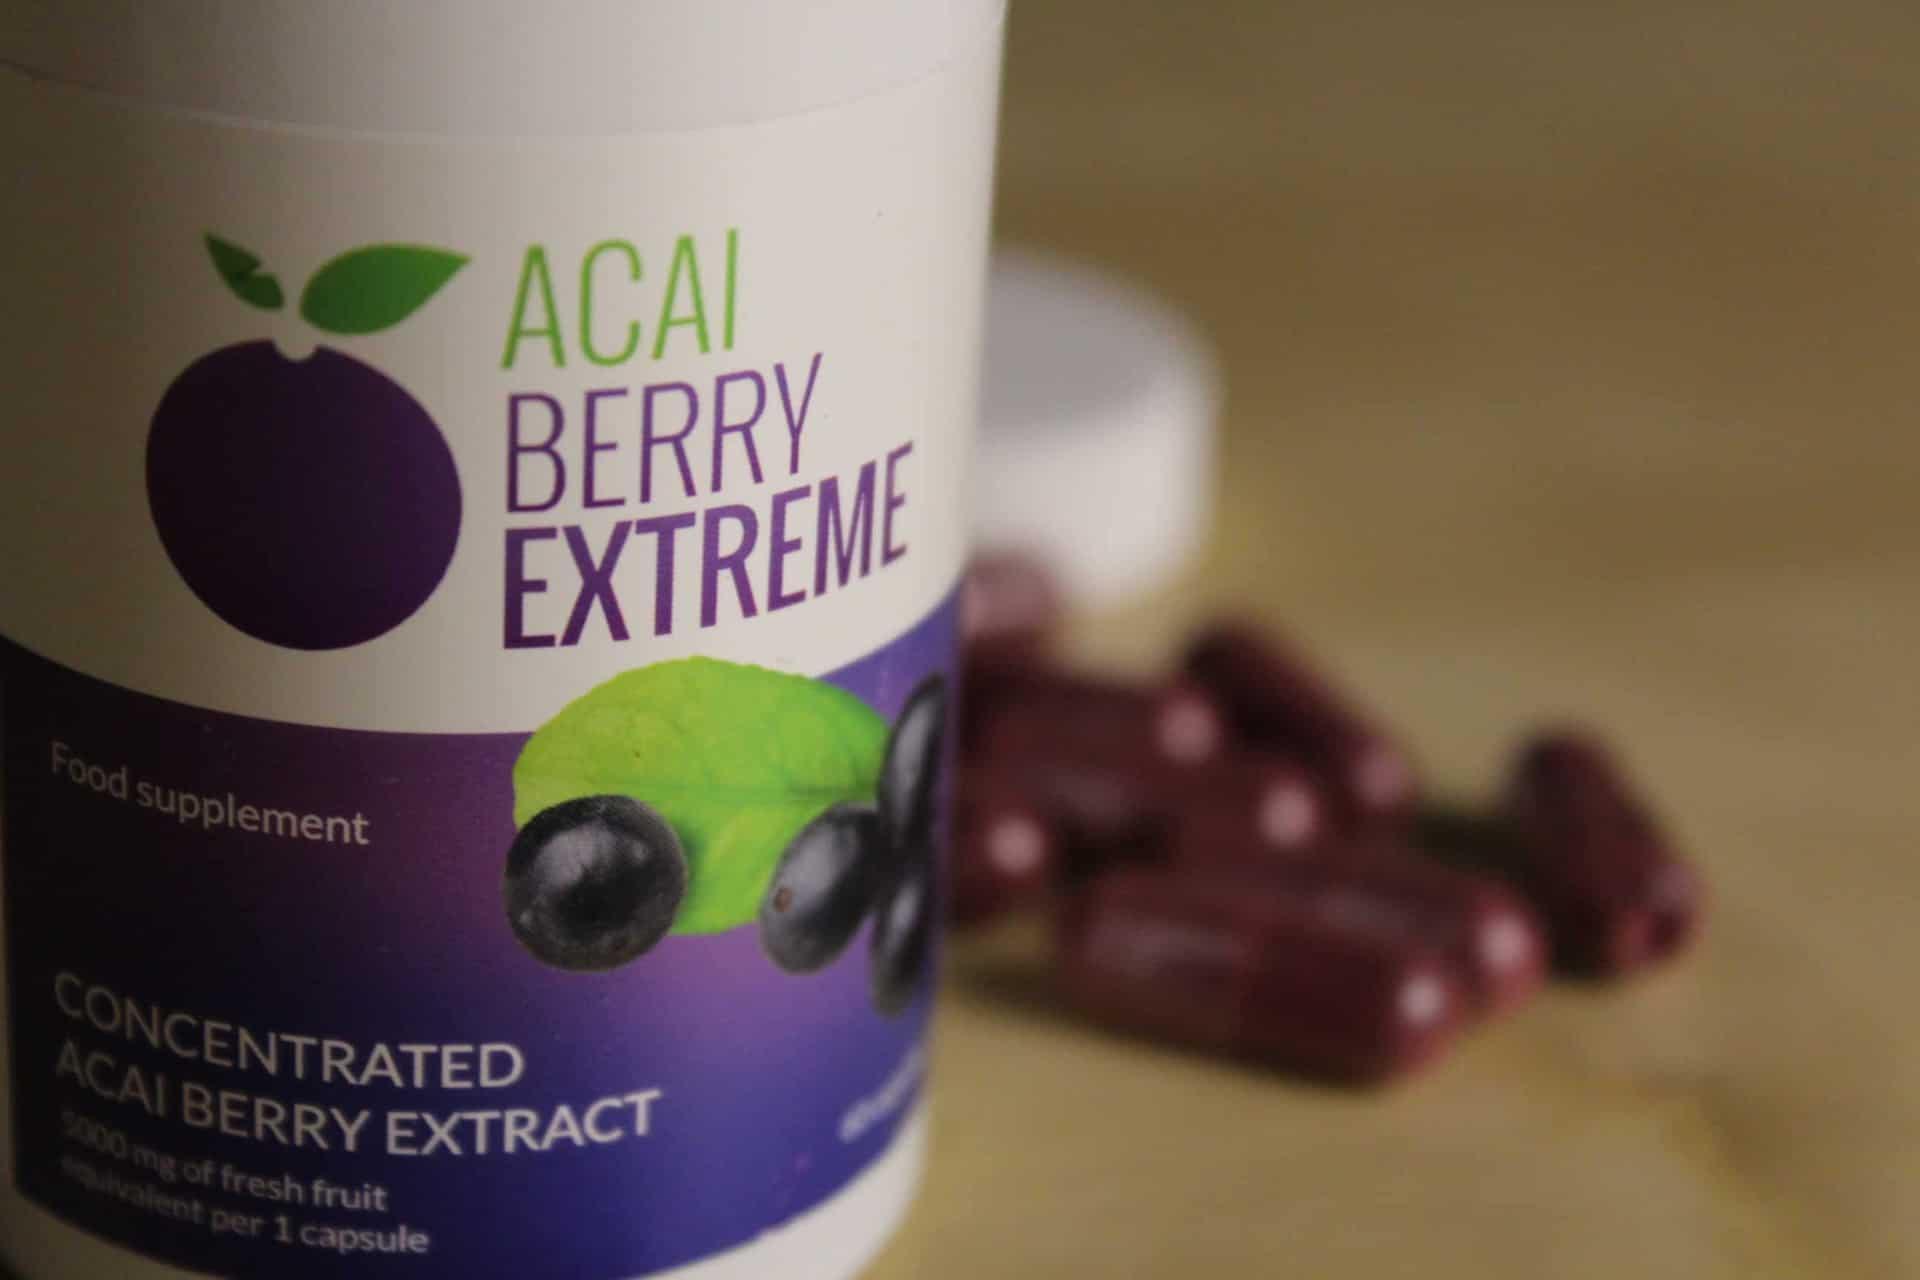 Acai Berry Extreme tabletki rozsypane na stole